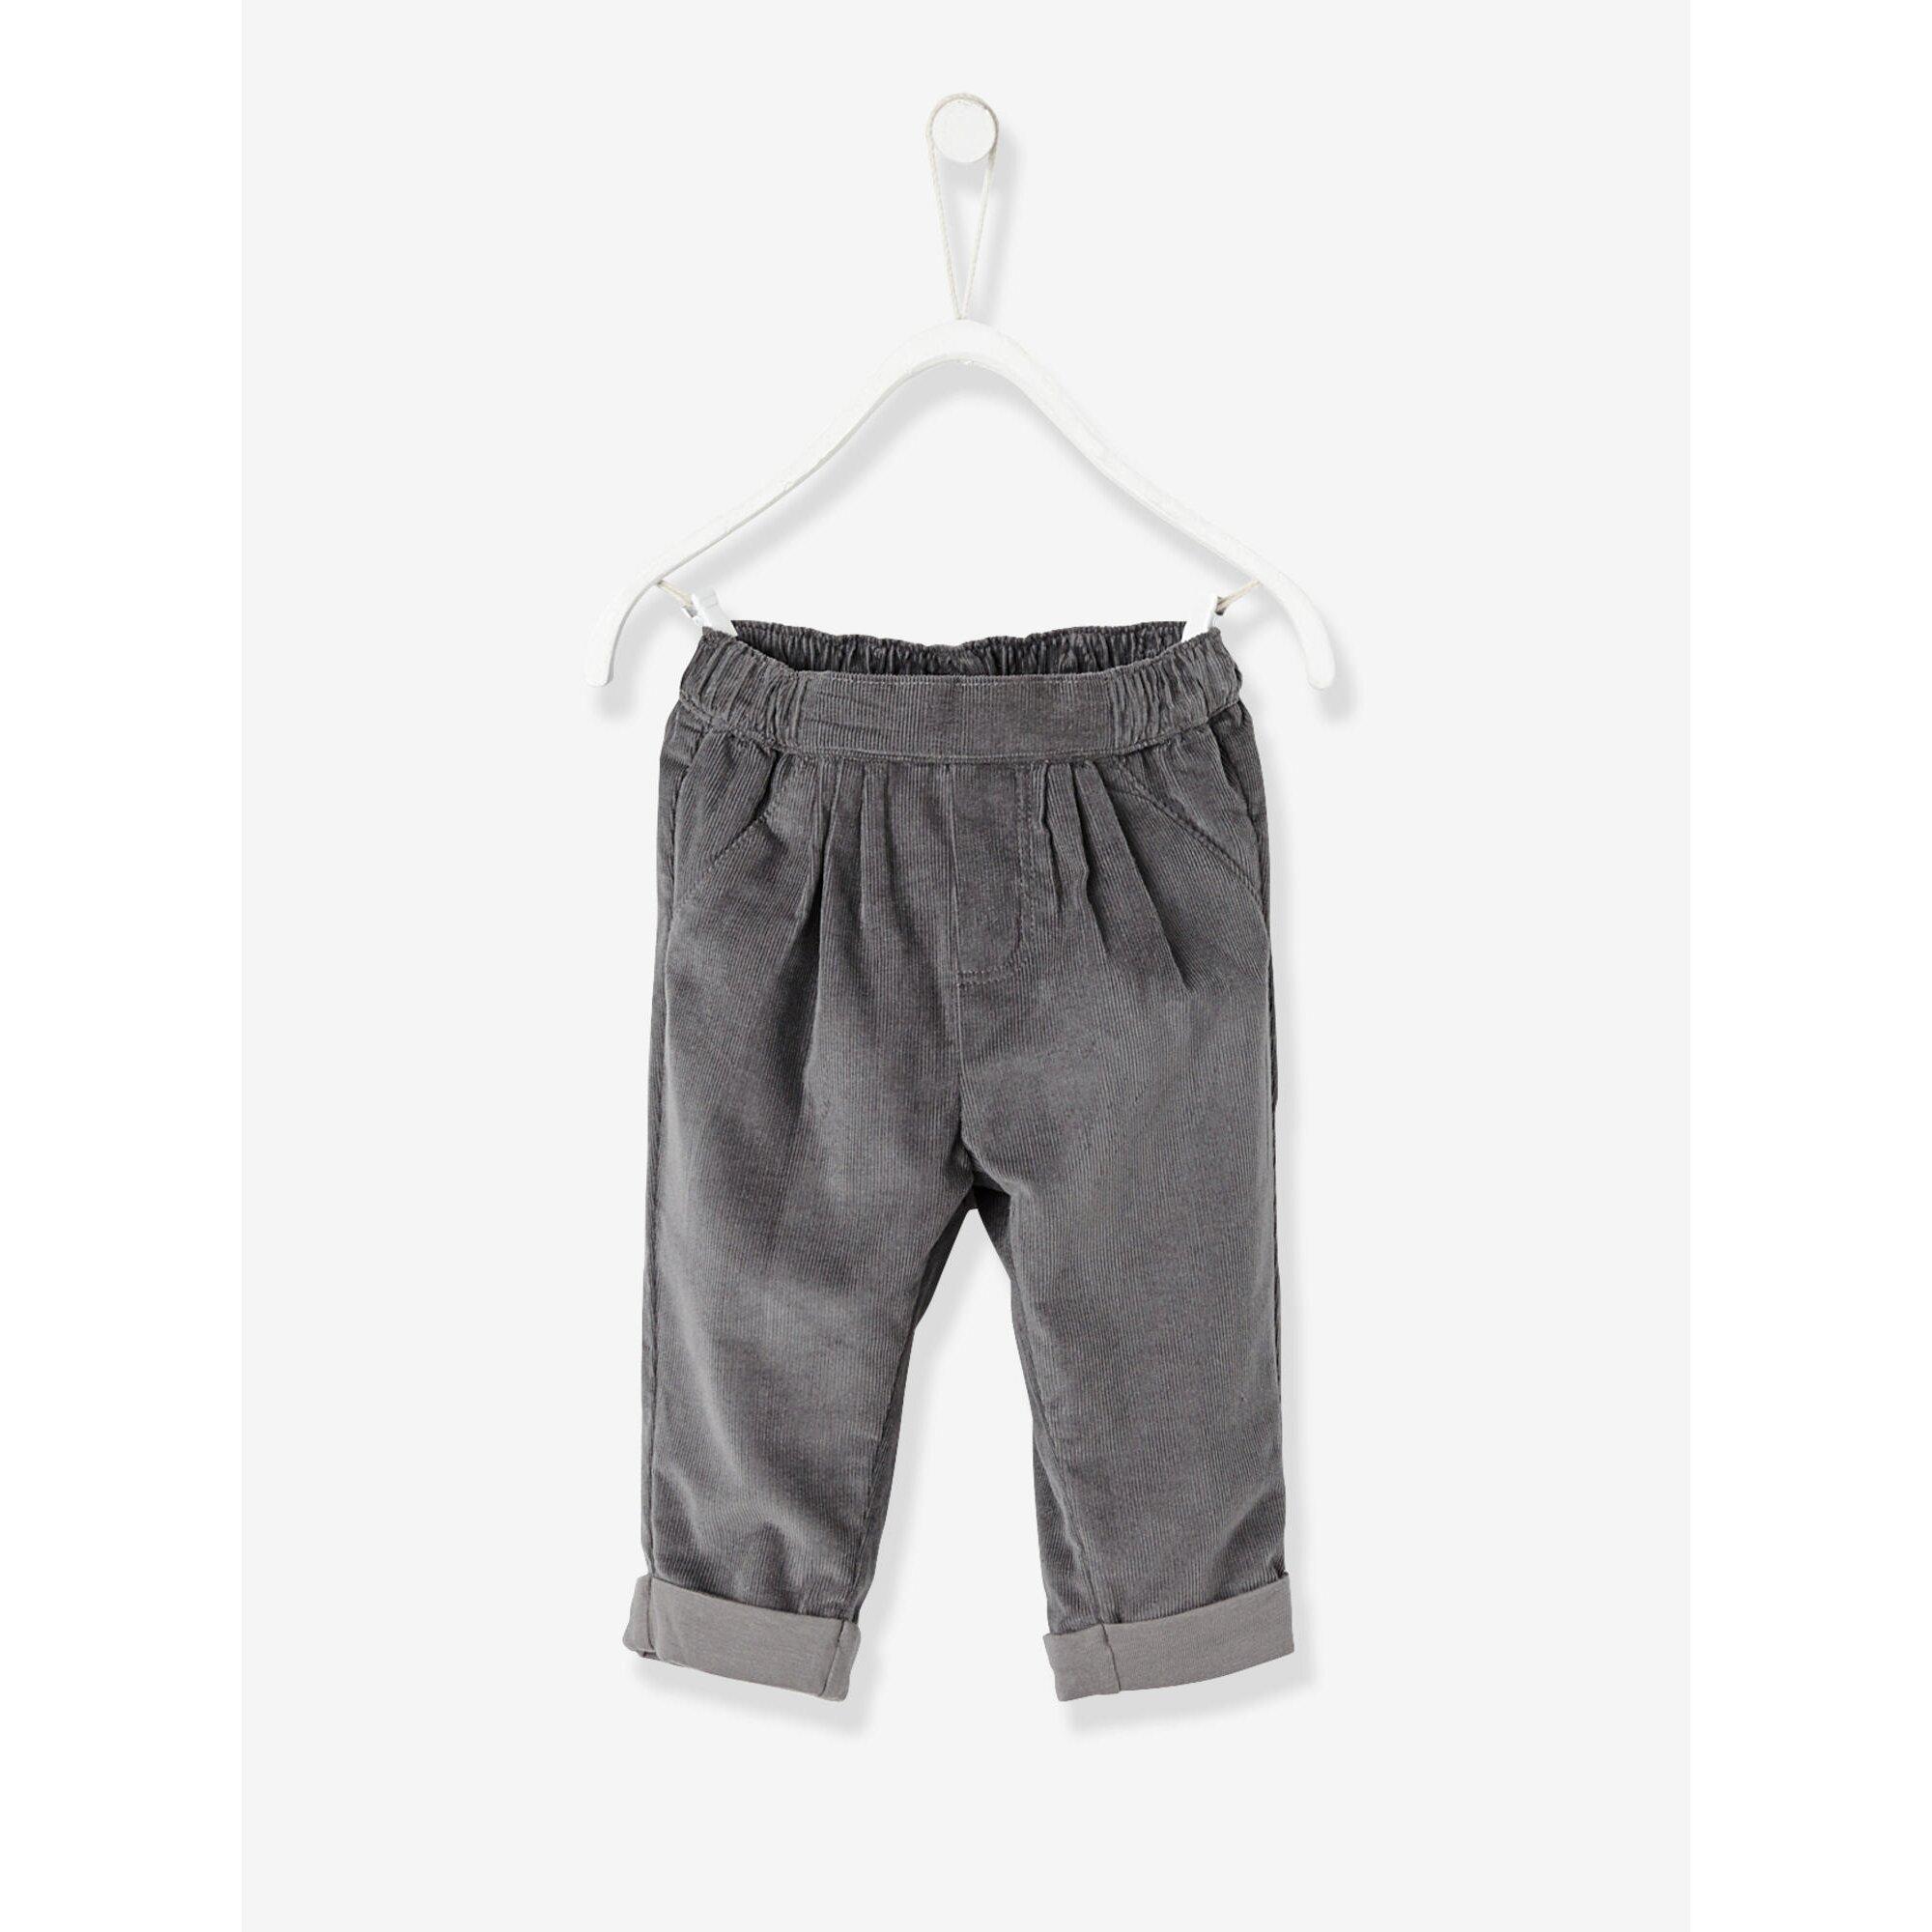 vertbaudet-baby-shirtbody-und-hose-baumwolle, 25.99 EUR @ babywalz-de